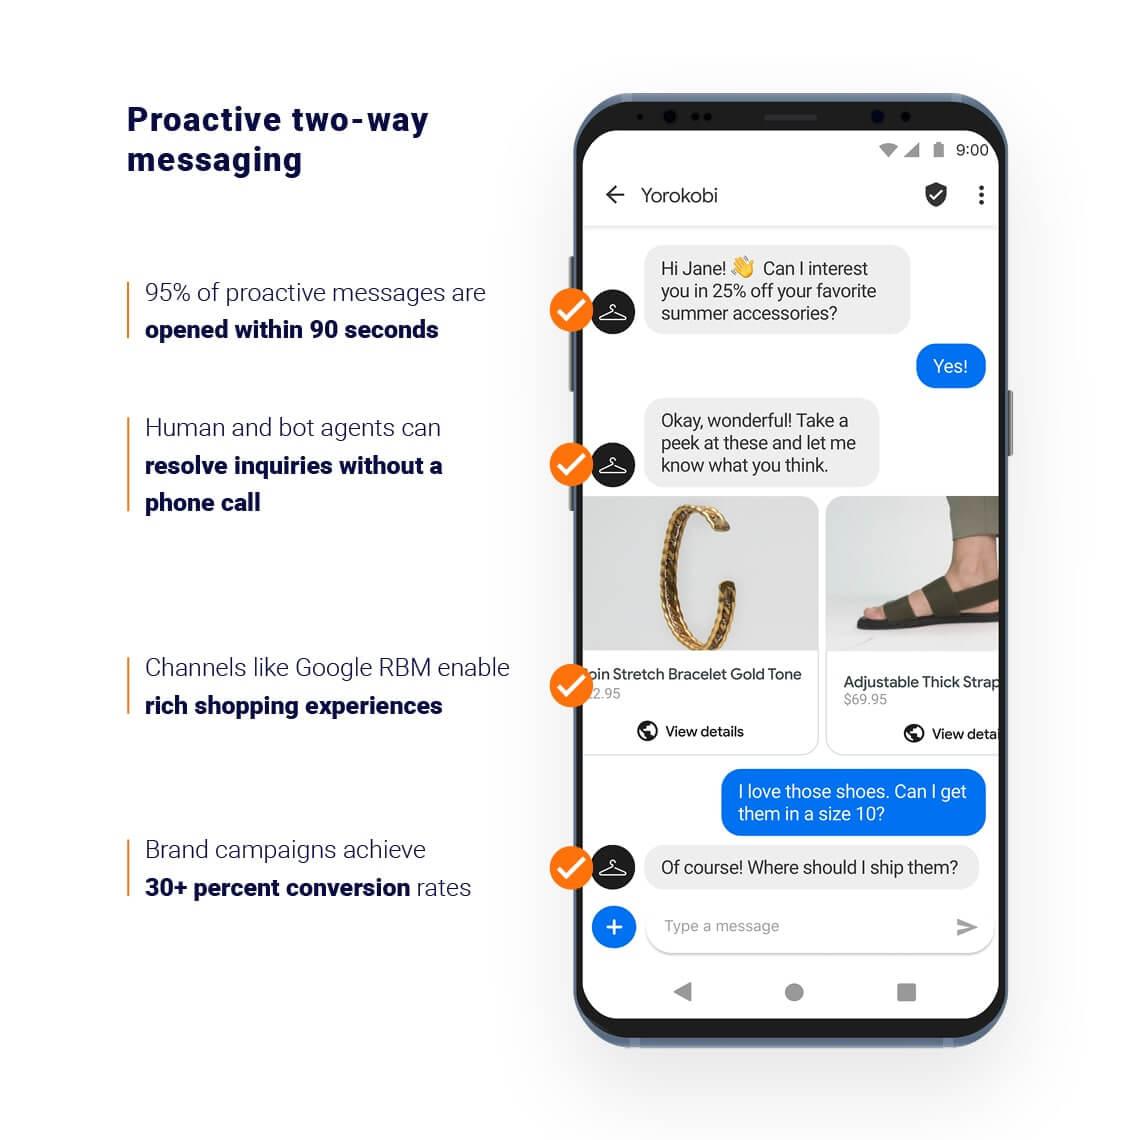 Phone describing how Proactive two-way messaging works